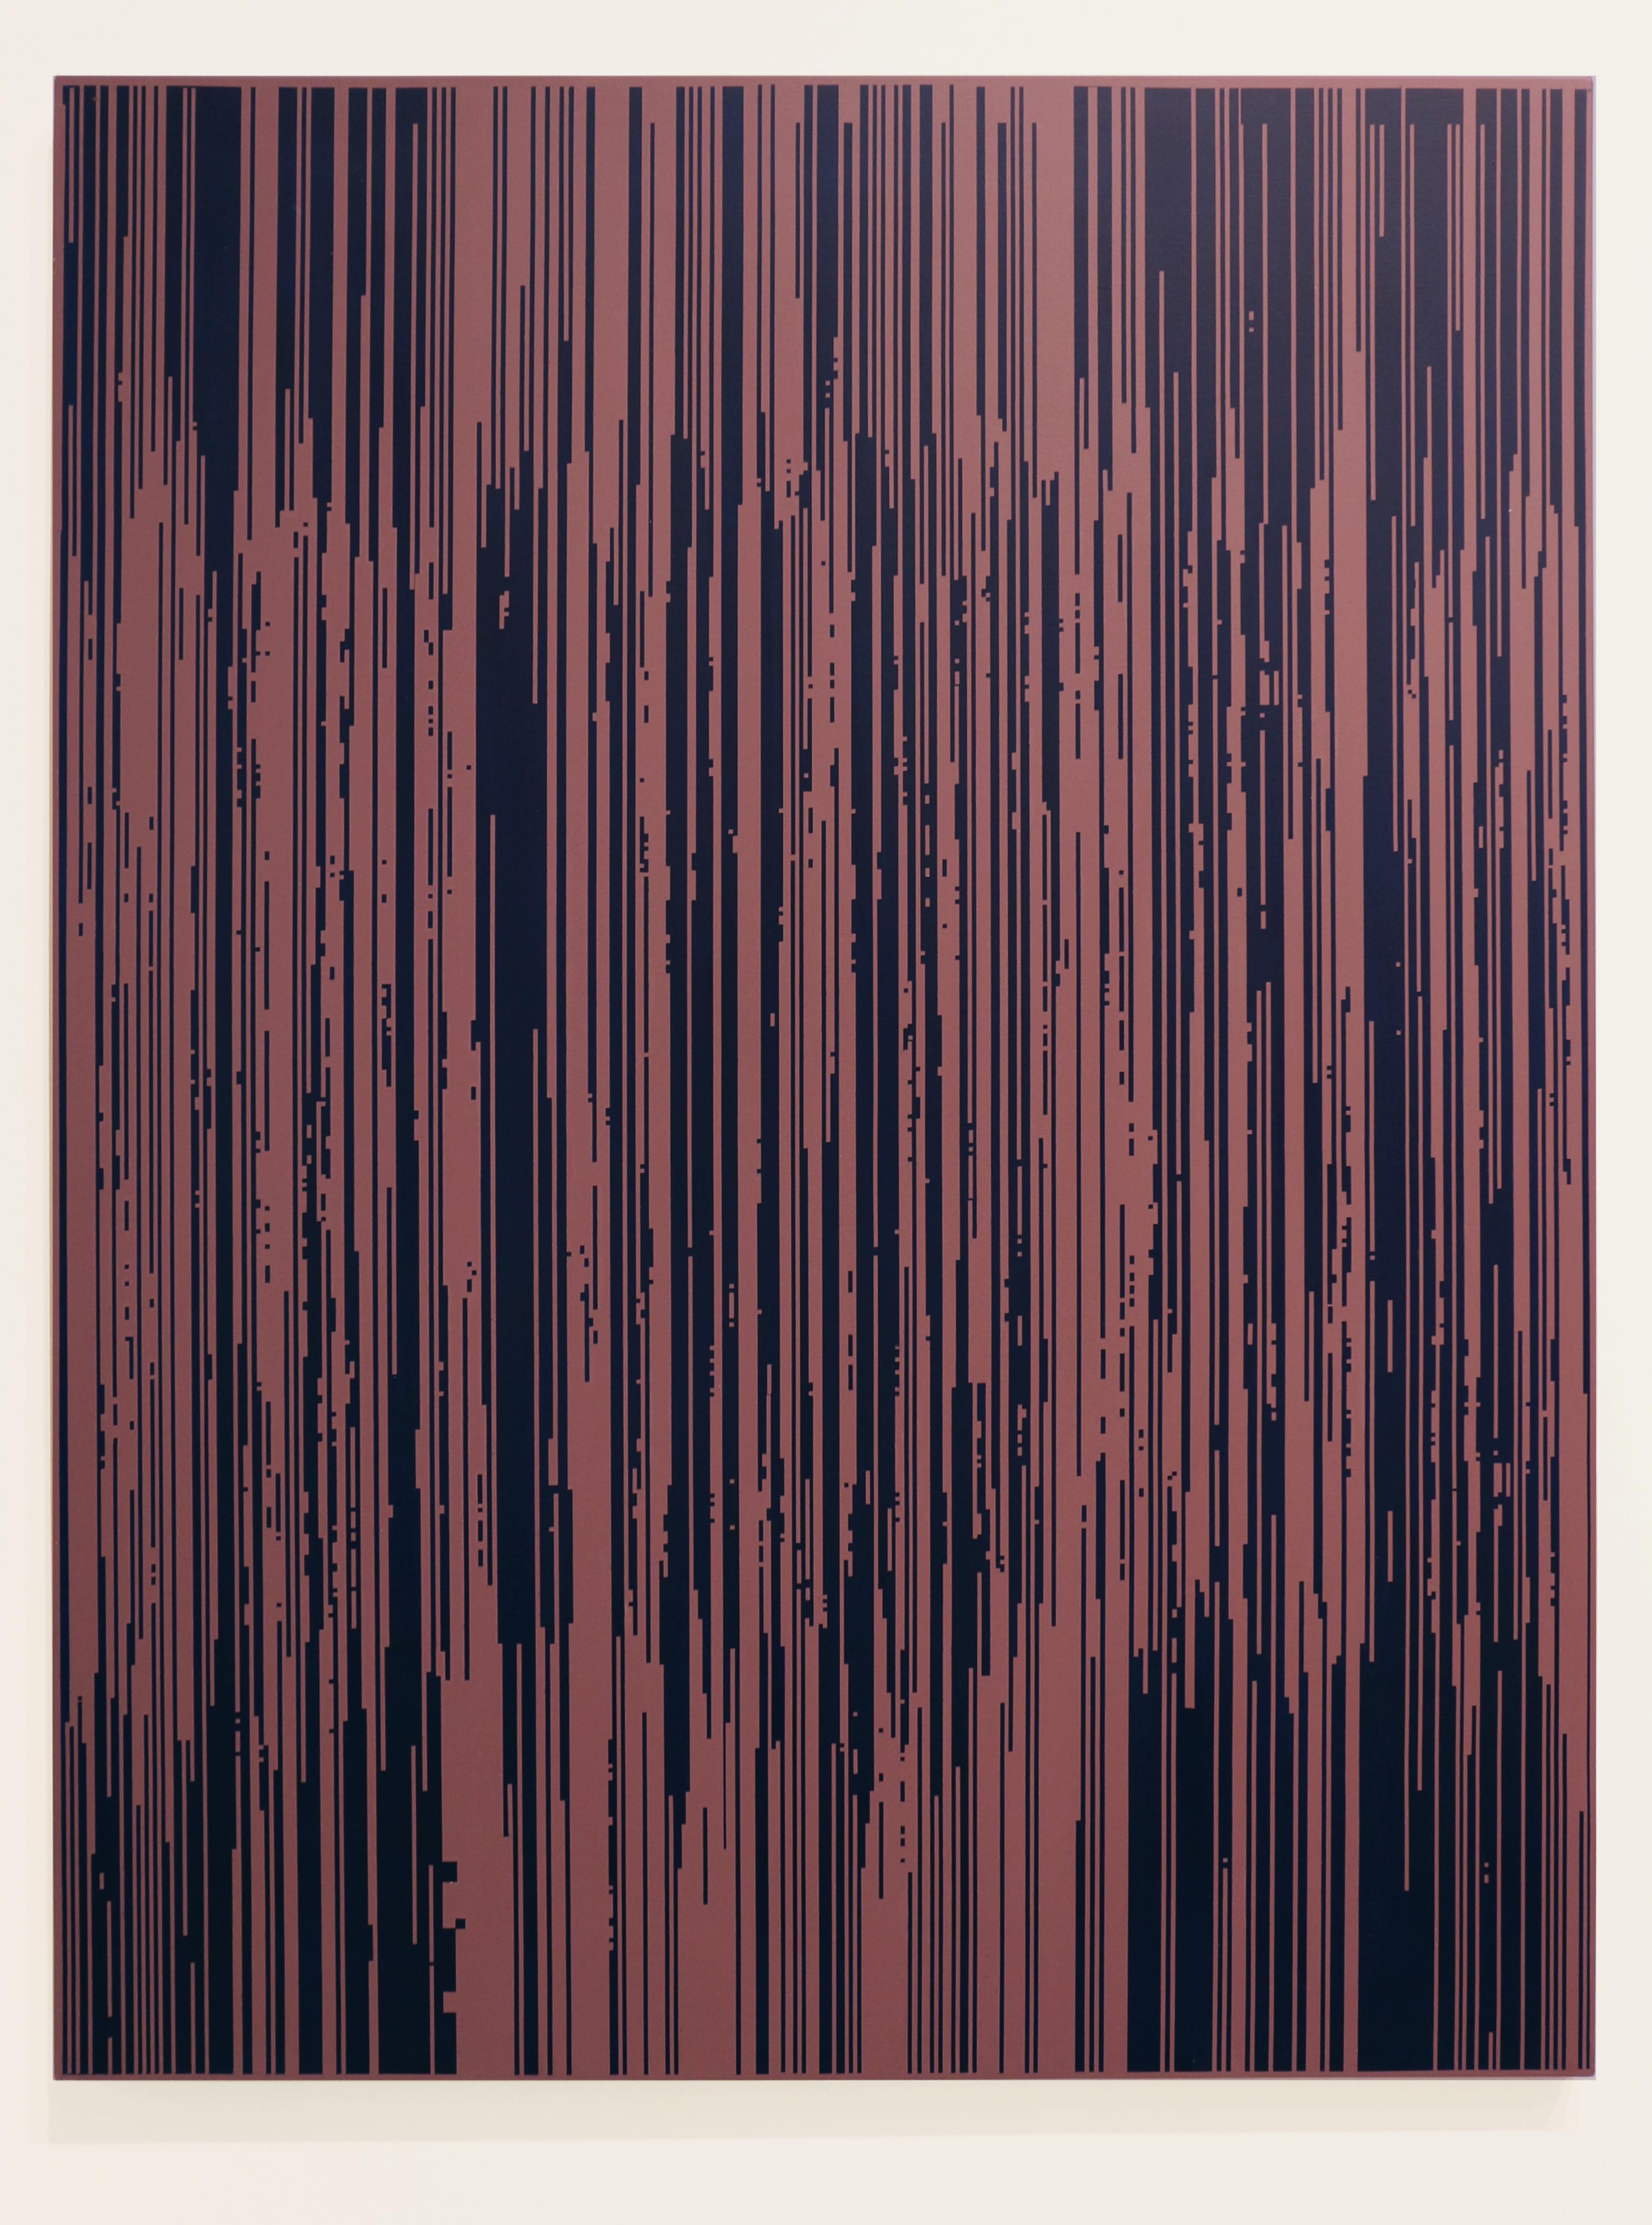 J. PARK_2016 Maze-201651222_Acrylic on canvas_116.8x91cm